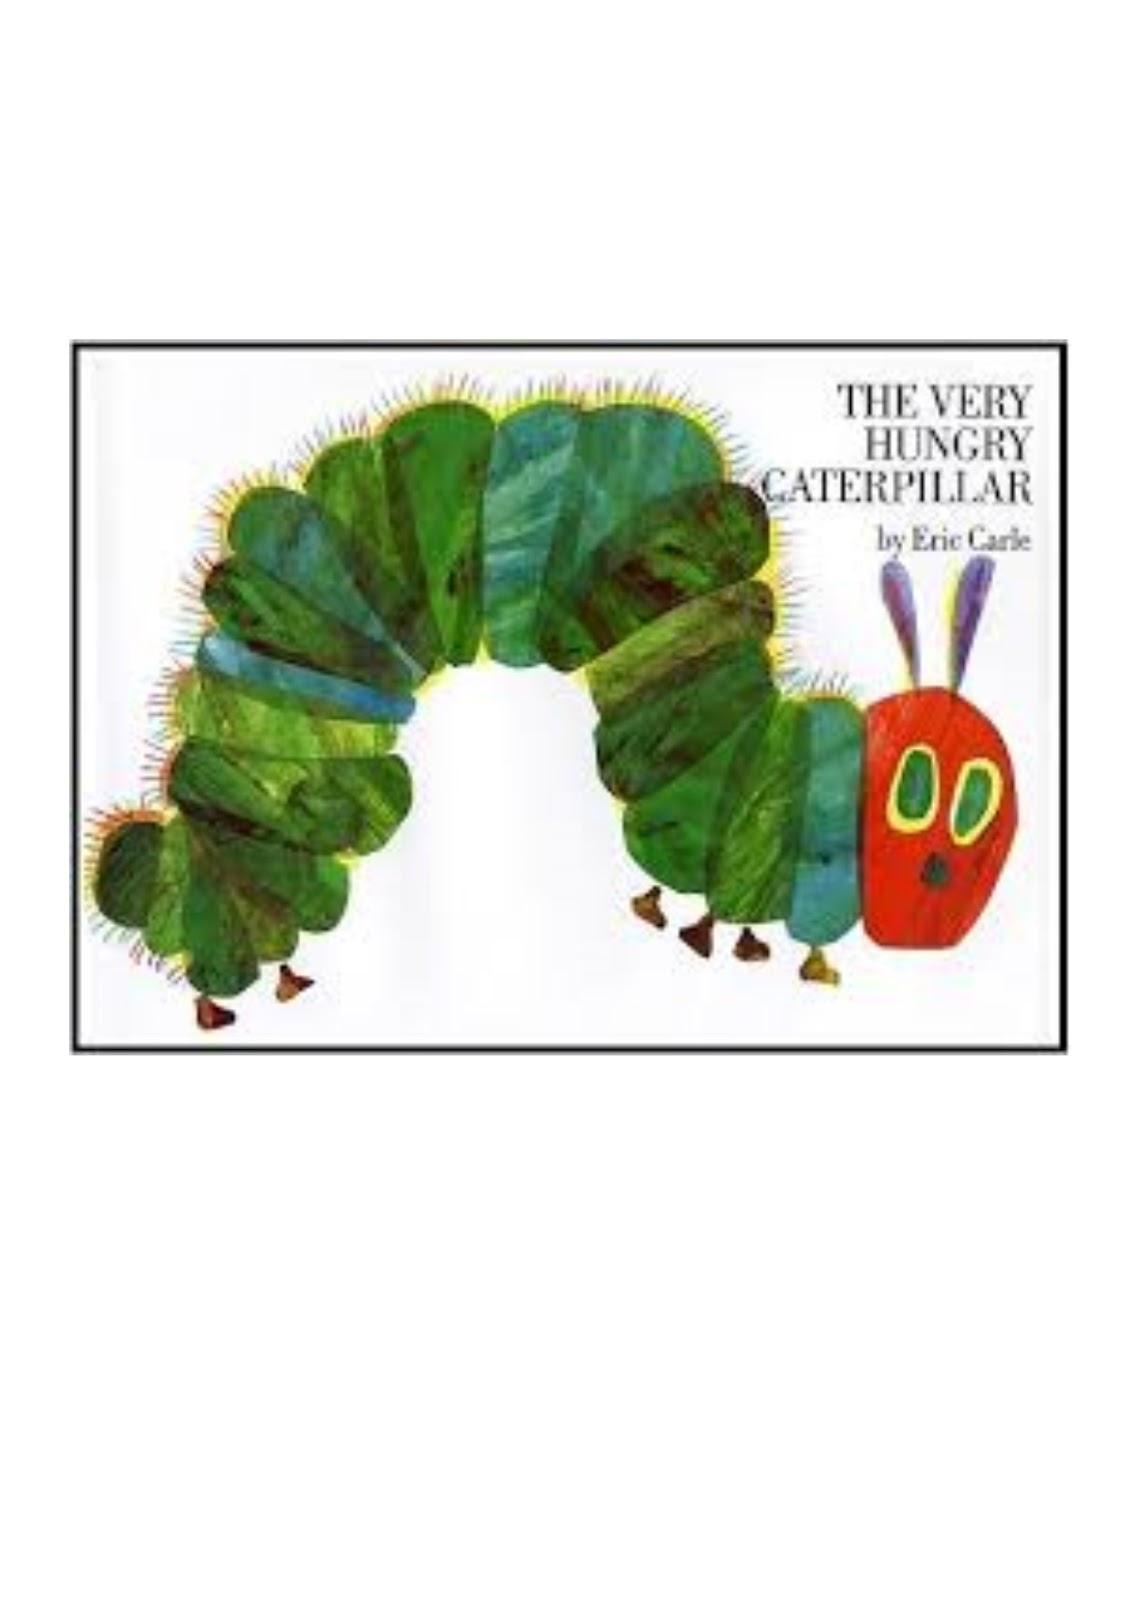 La Petite Chenille Qui Fait Des Trous : petite, chenille, trous, Maicresse, Karine:, Hungry, Caterpillar